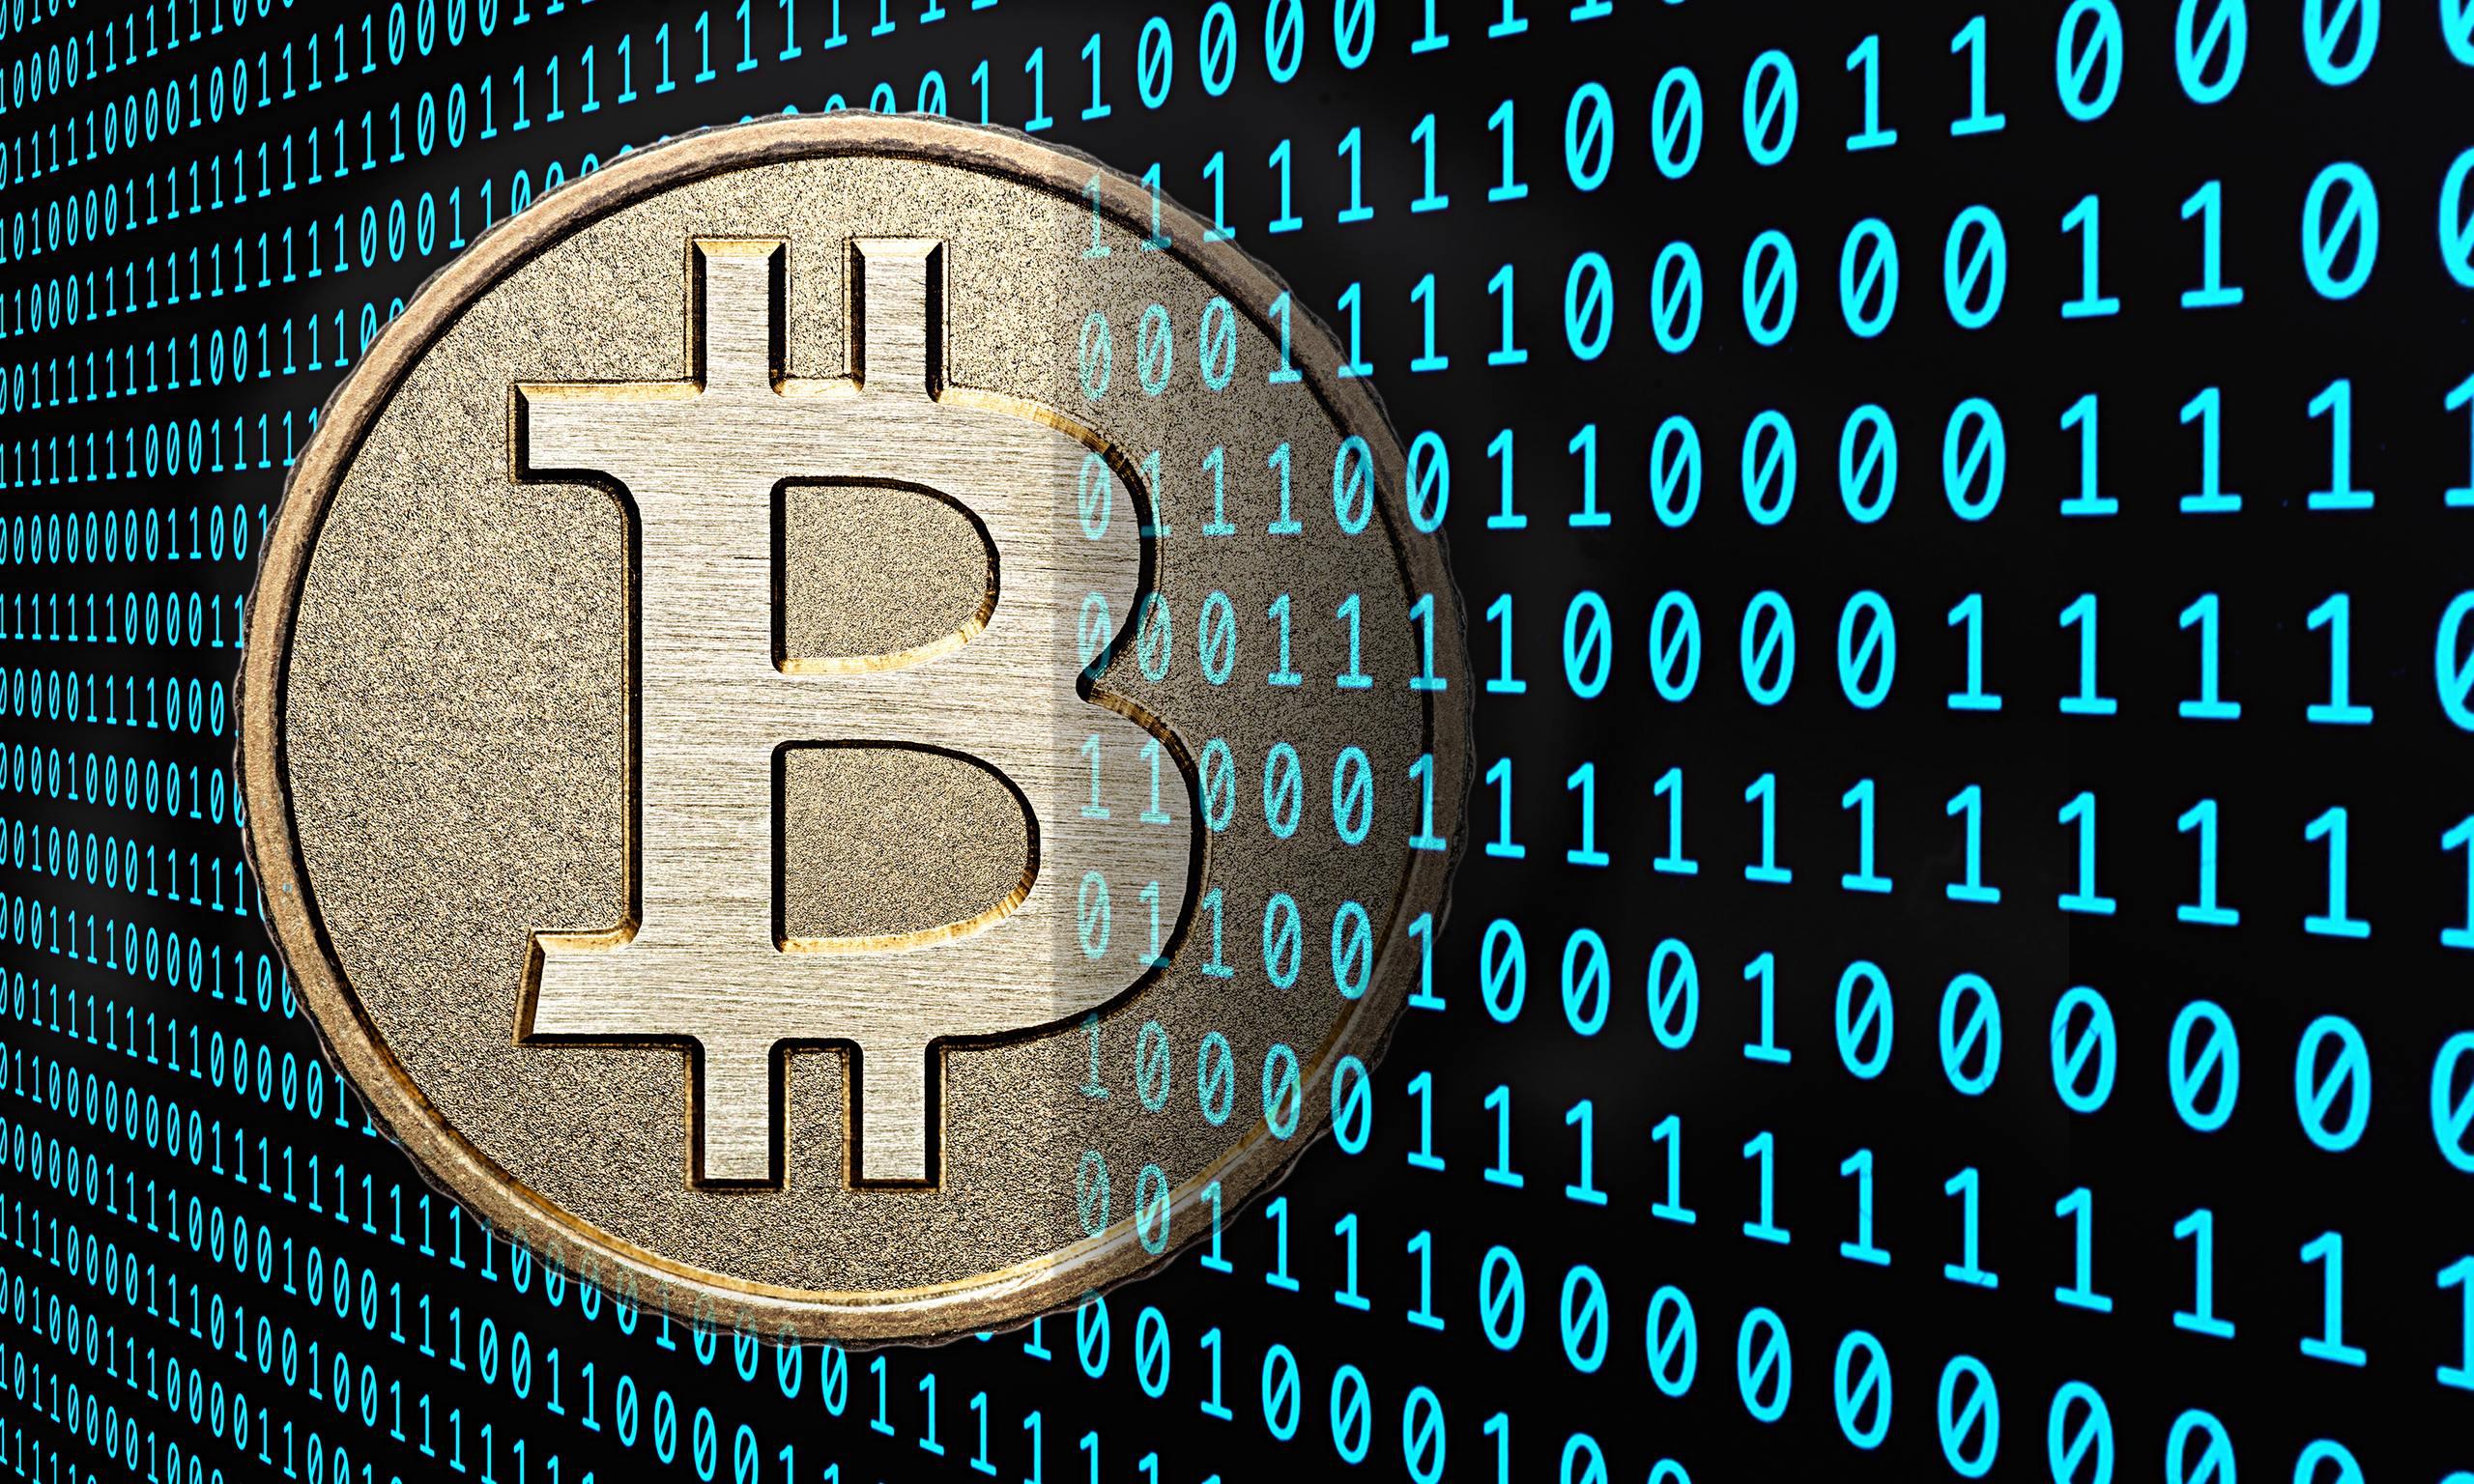 Le Bitcoin et l'essor des crypto-monnaies